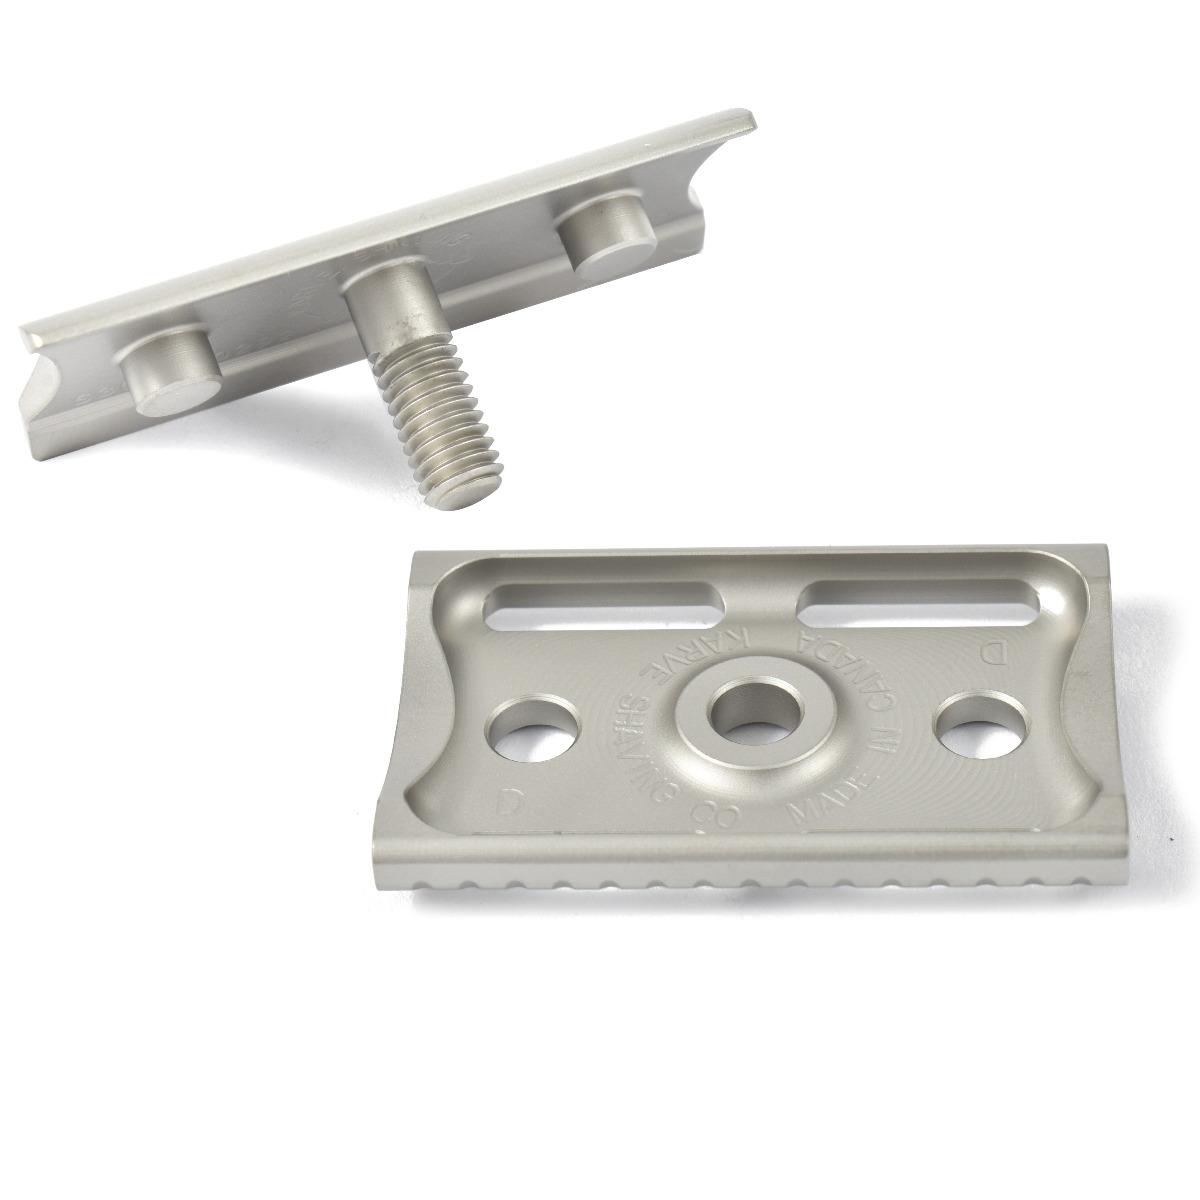 Karve Christopher Bradley Razor Stainless Steel Head D Plate